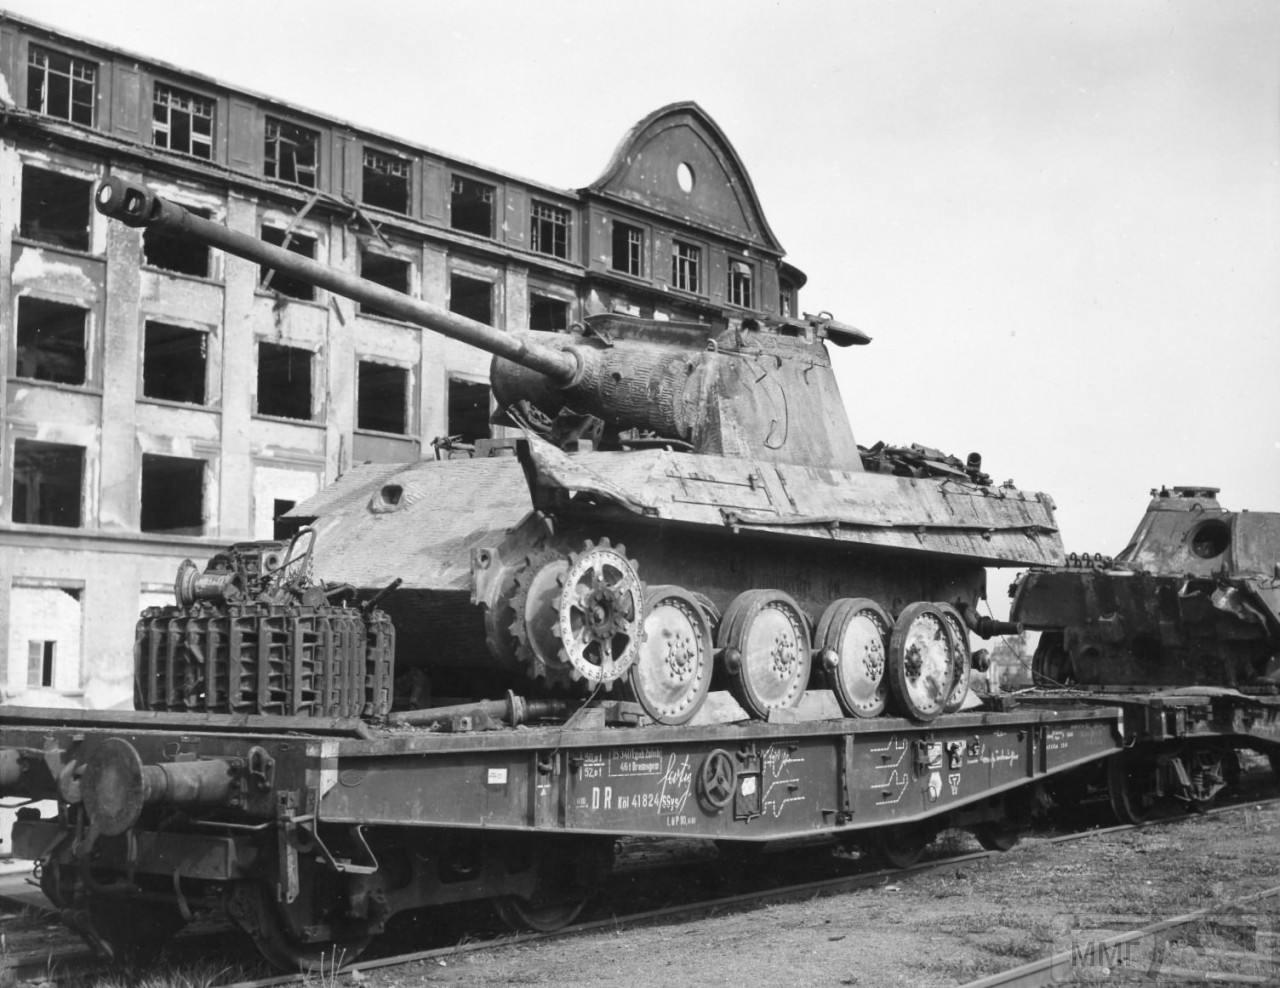 43981 - Achtung Panzer!